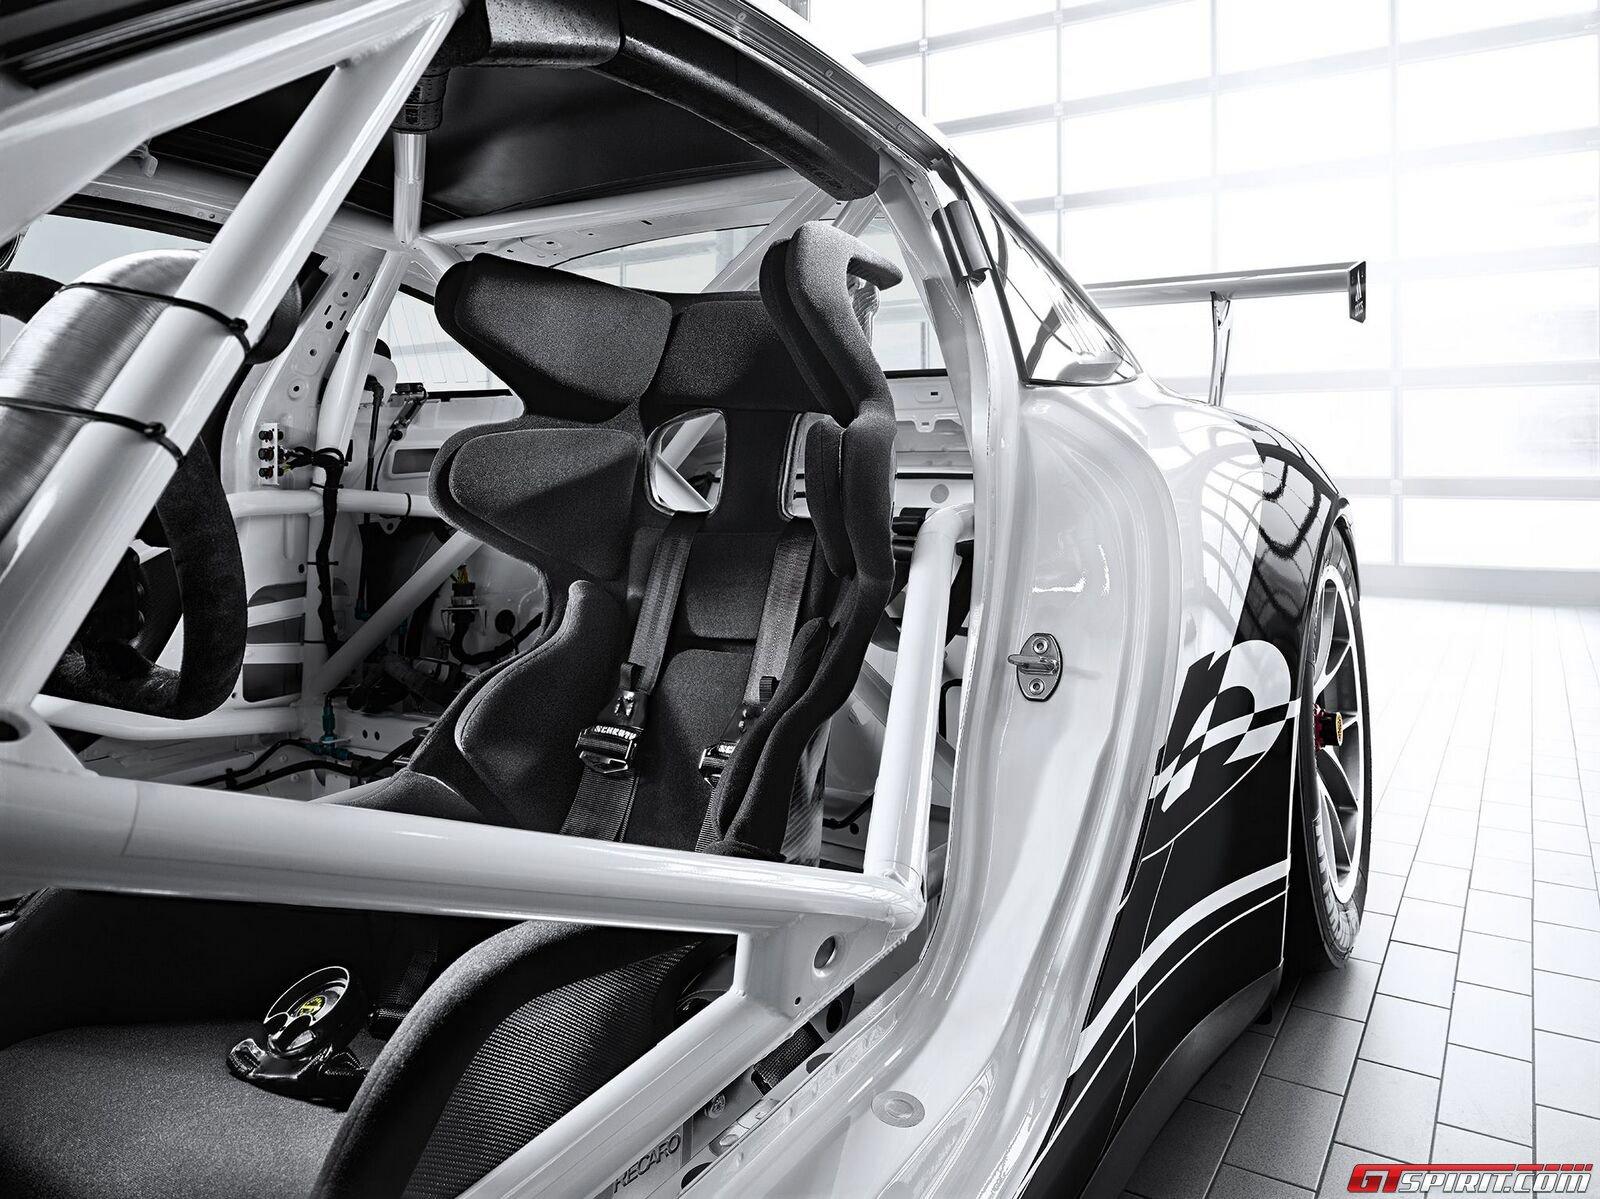 2013 Porsche 911 GT3 Cup - Part 2 Photo 11